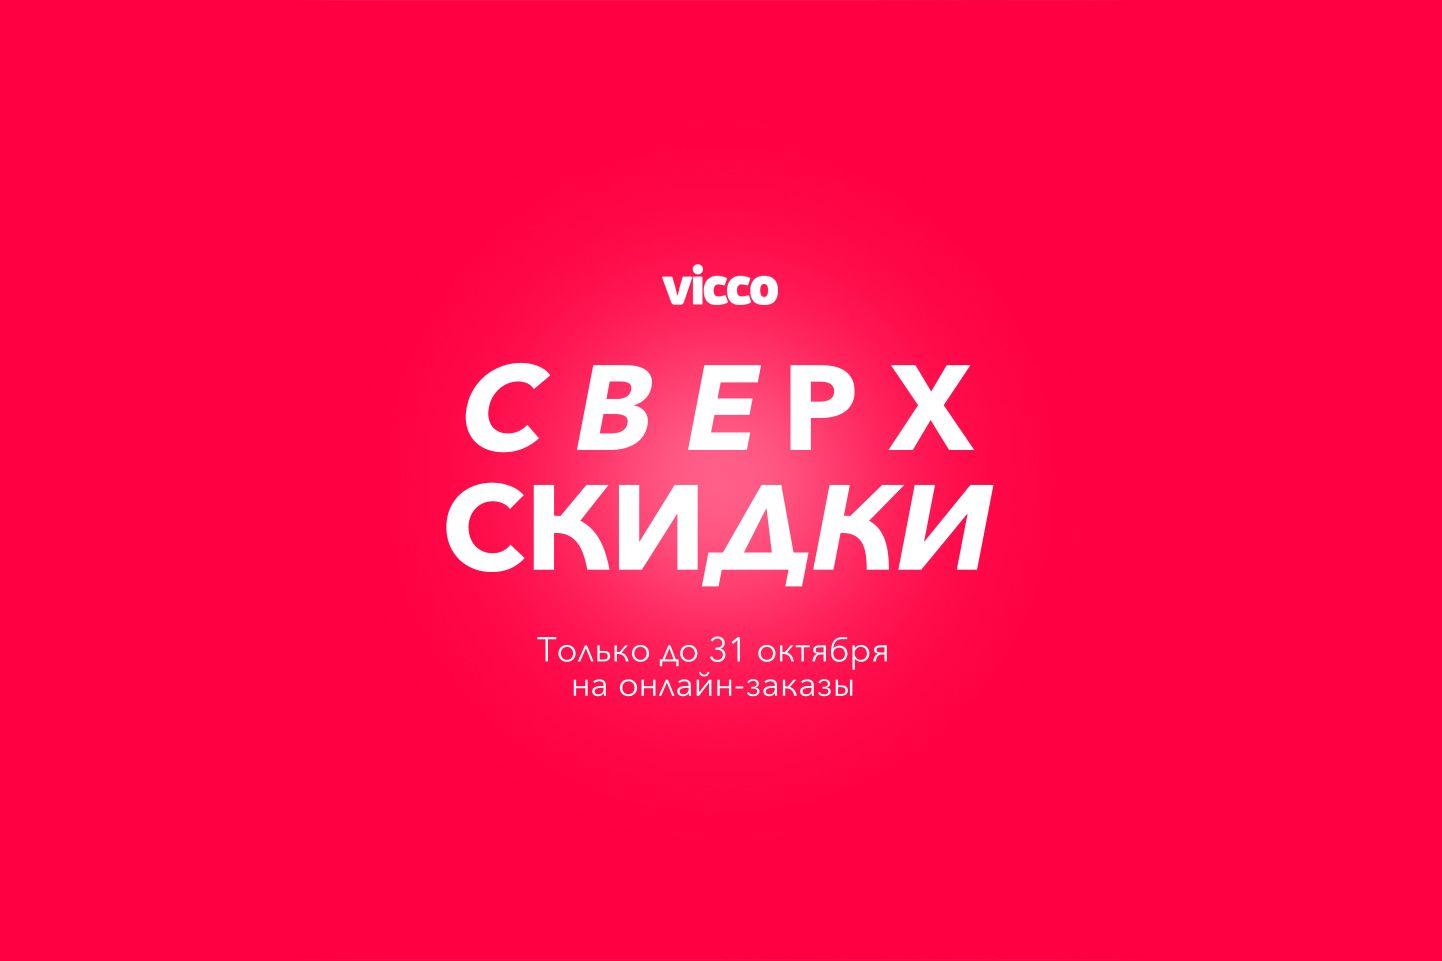 vicco-sverhskidka010223